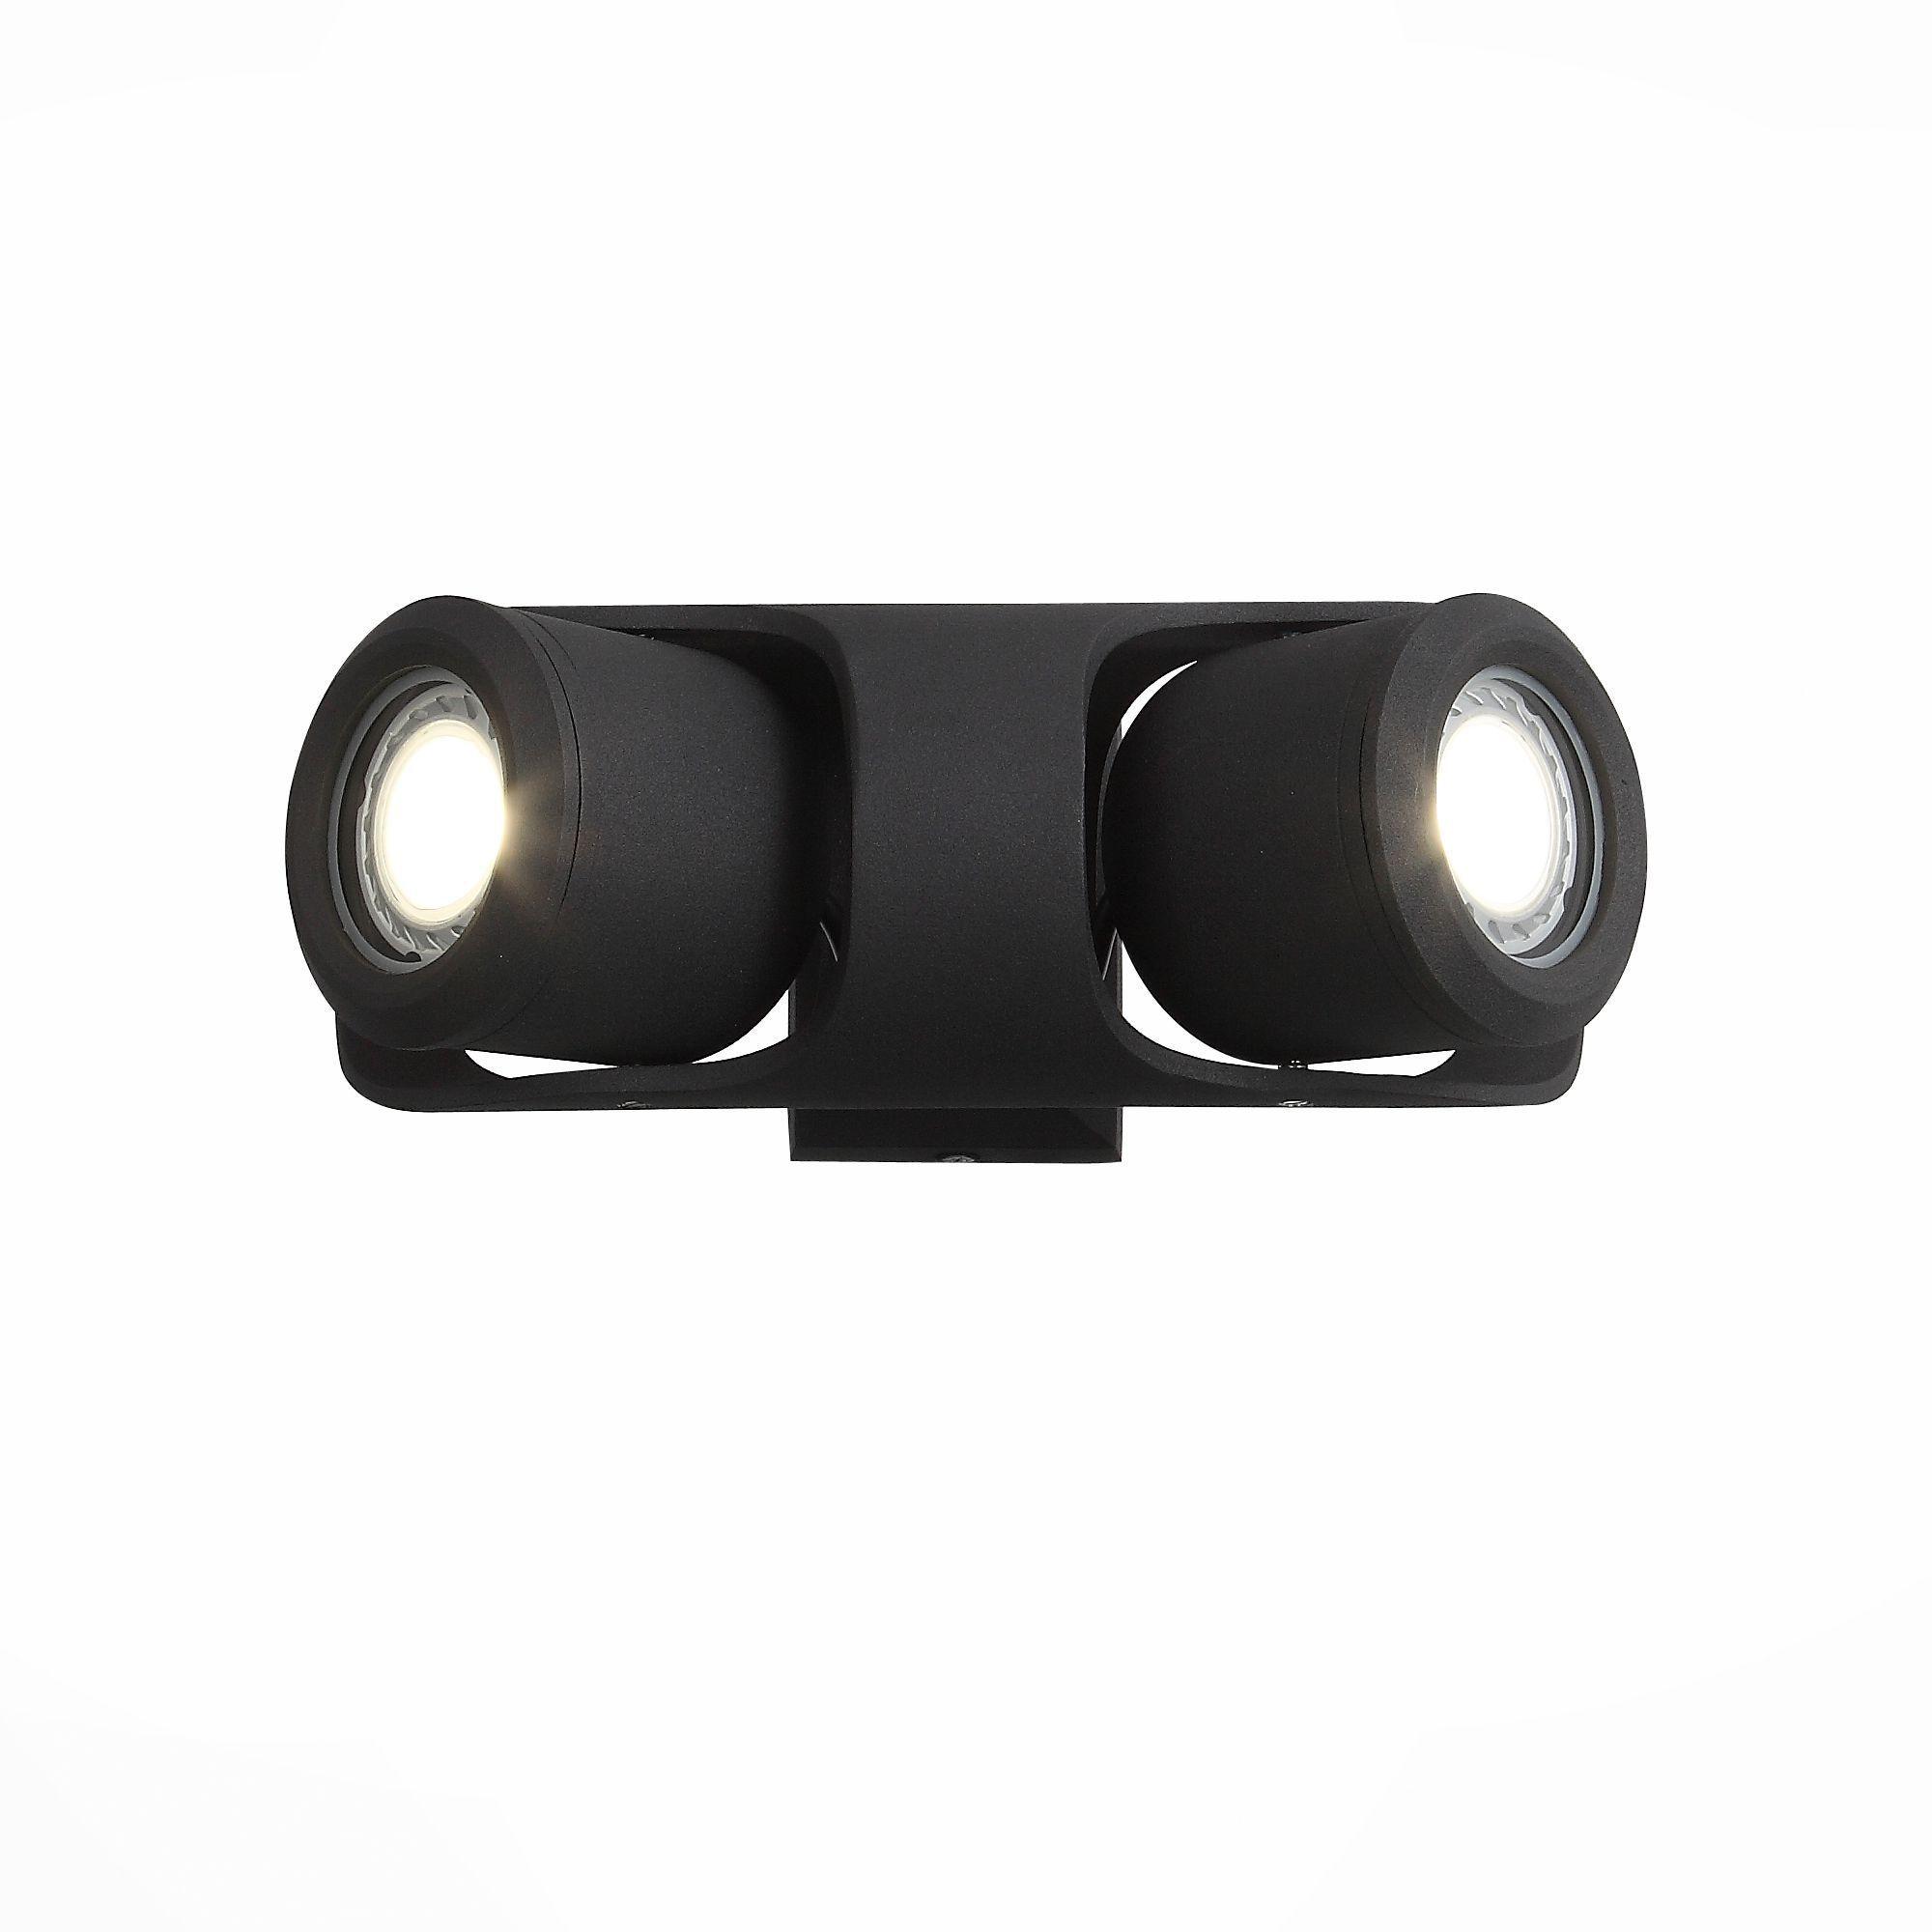 Светильник уличный настенный ST-Luce Черный/Черный, Прозрачный G5,3 2*7W SL093.401.02